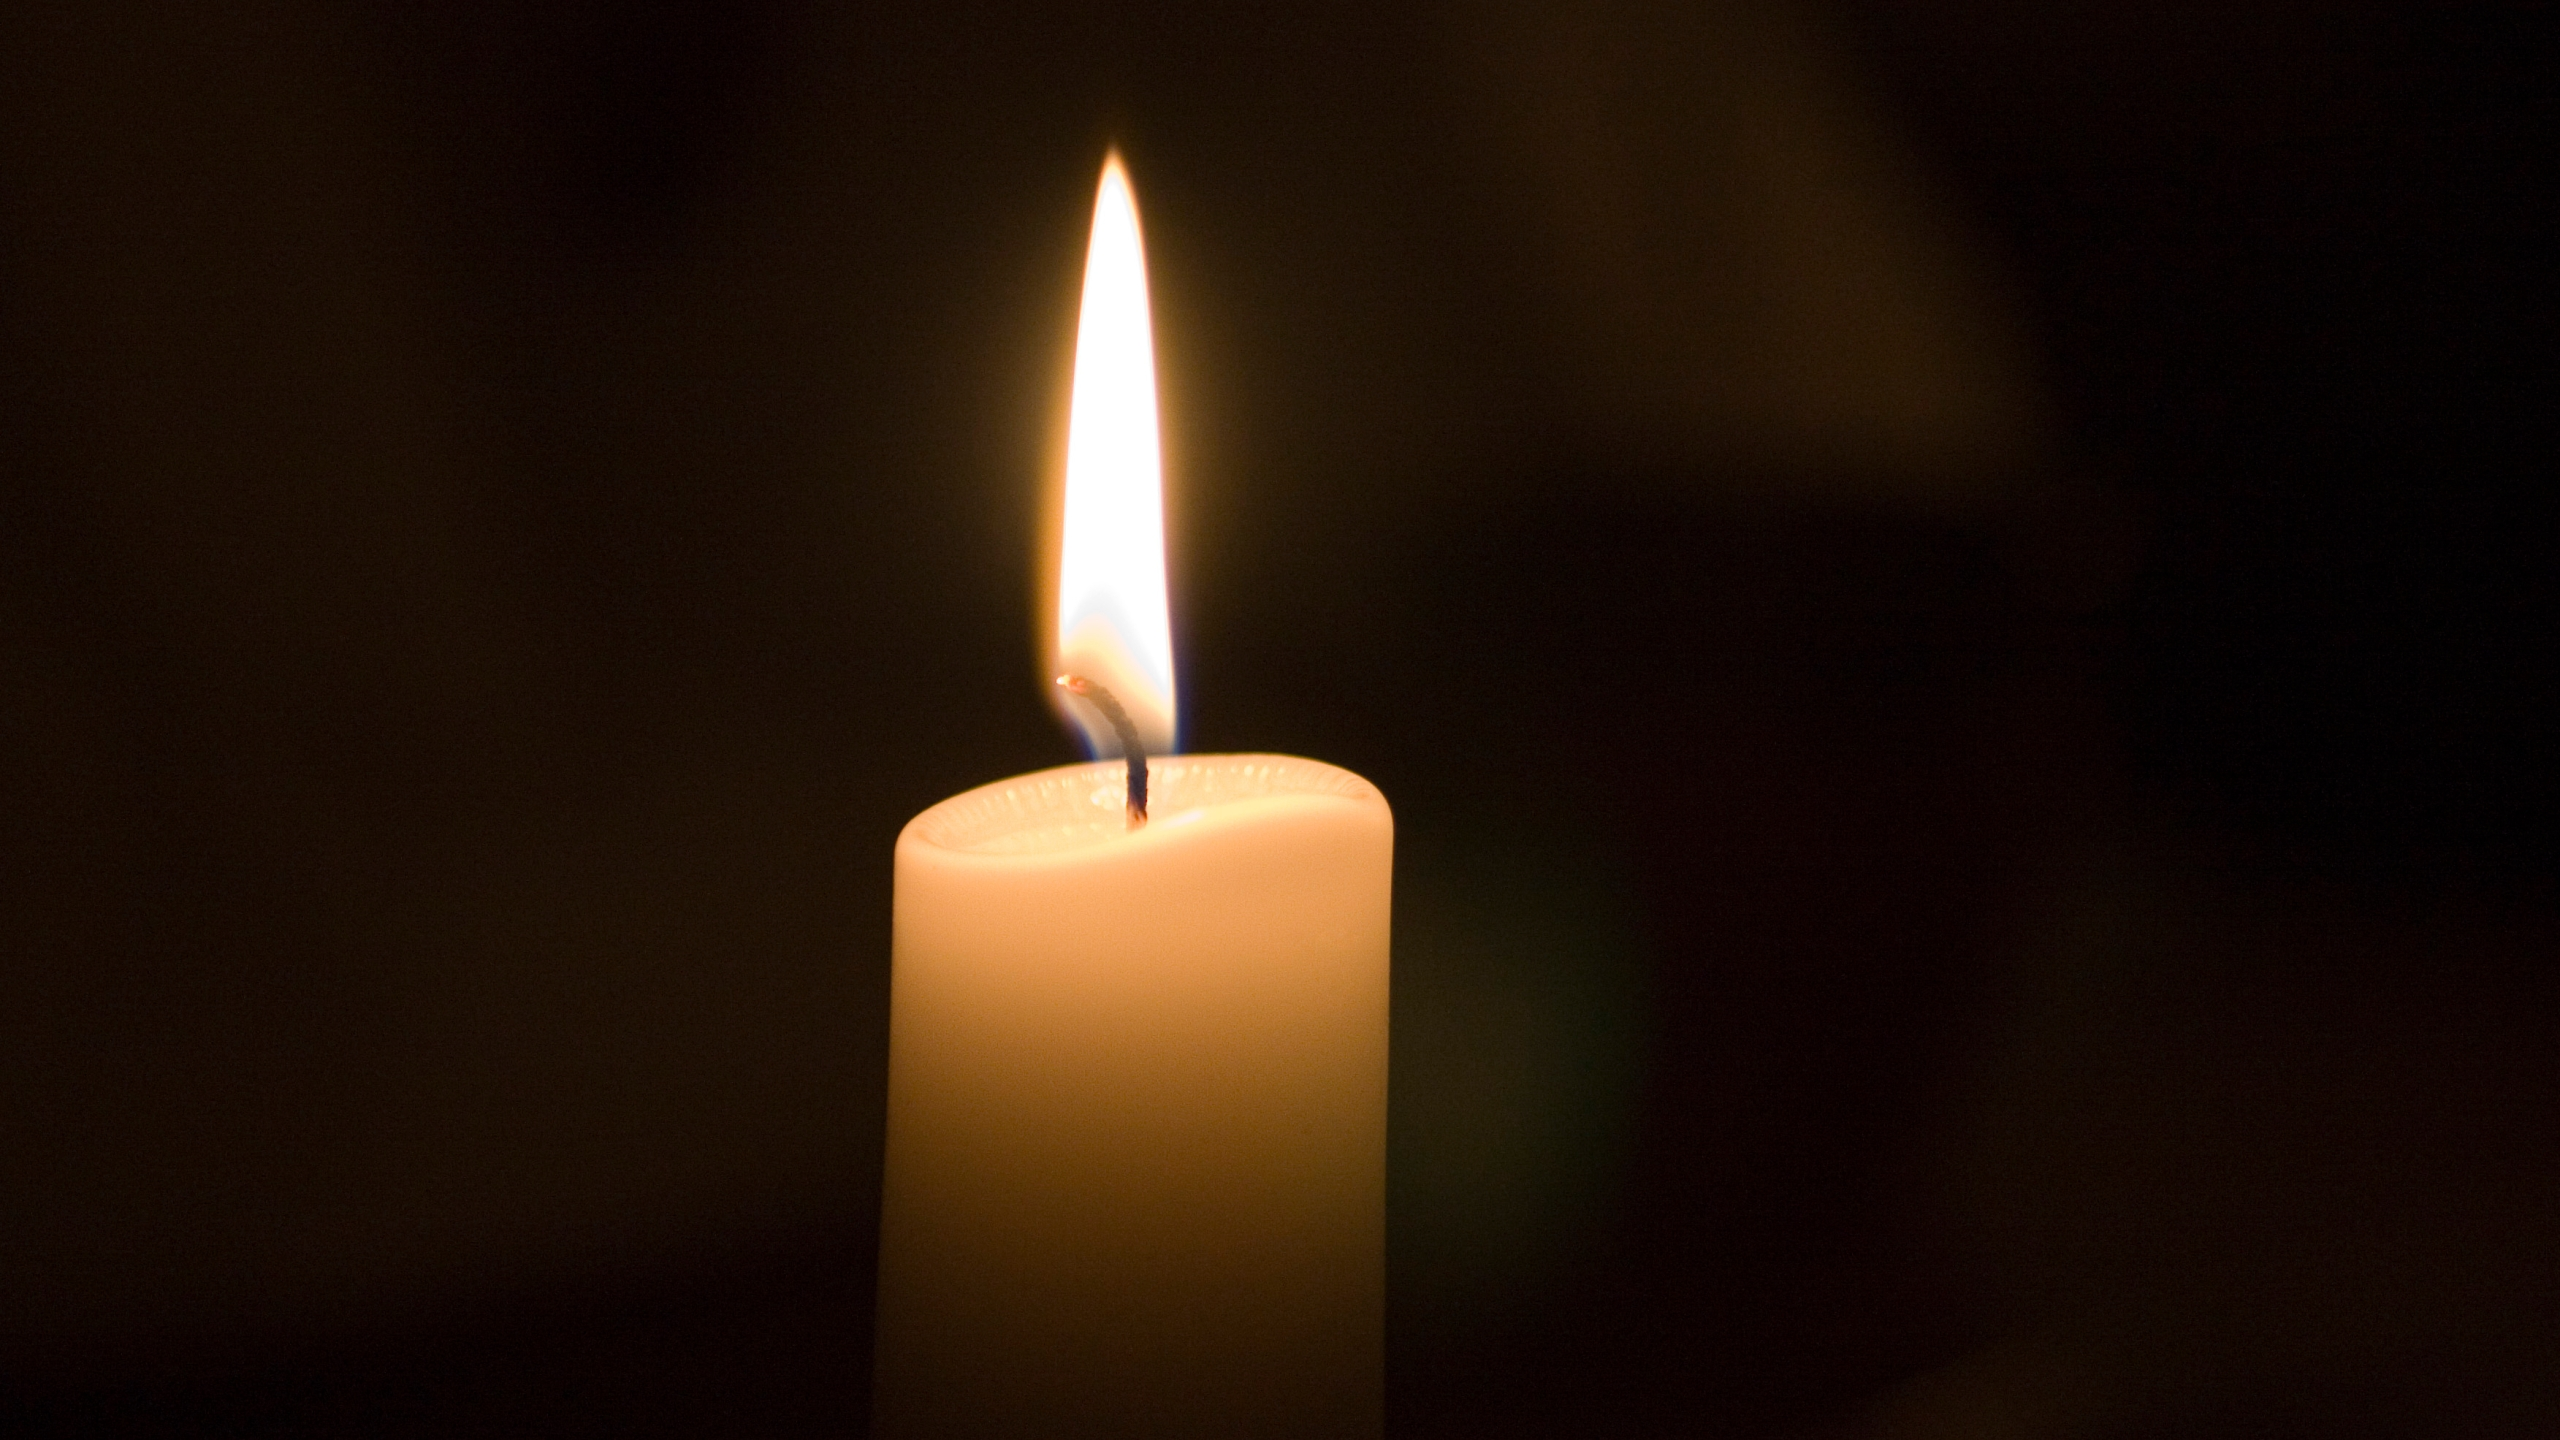 istock-candle_1521130336412.jpg